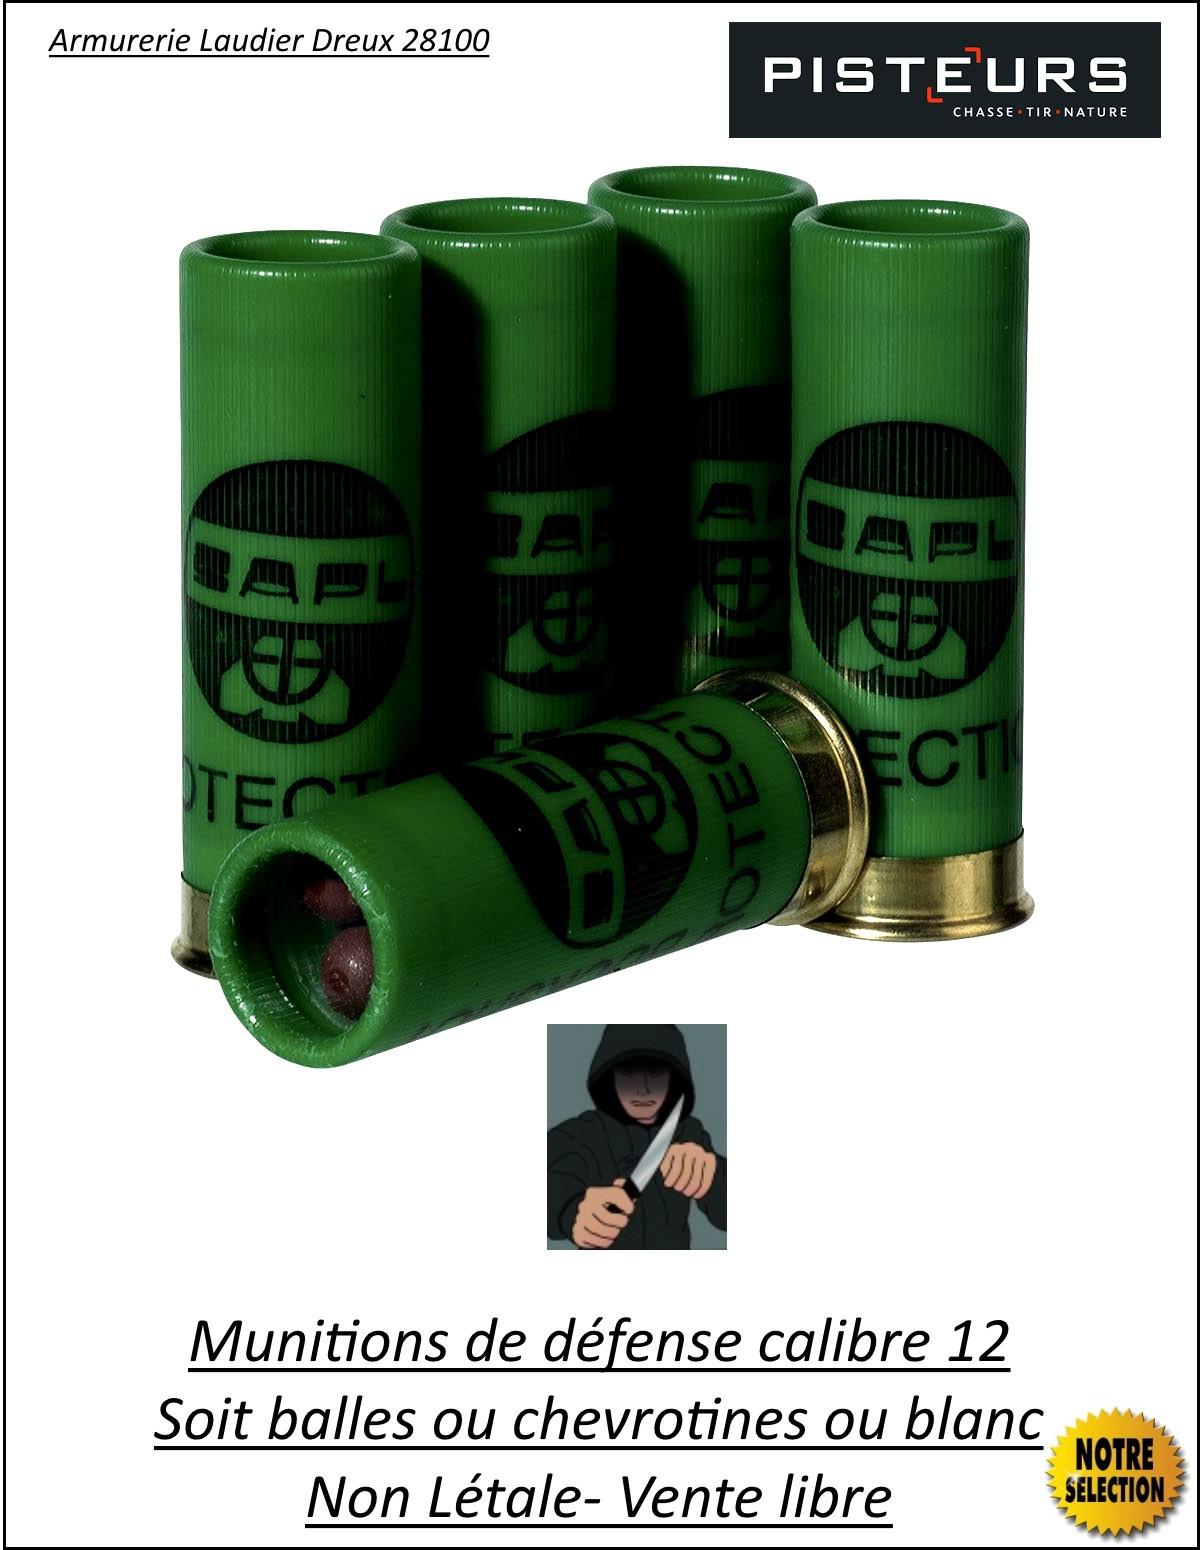 Cartouches-projectiles-caoutchouc-défense-Cal 12-ou-16-ou-blanc-fusils-ou-pistolets-cal 12 ou 16 -canons-Lisses